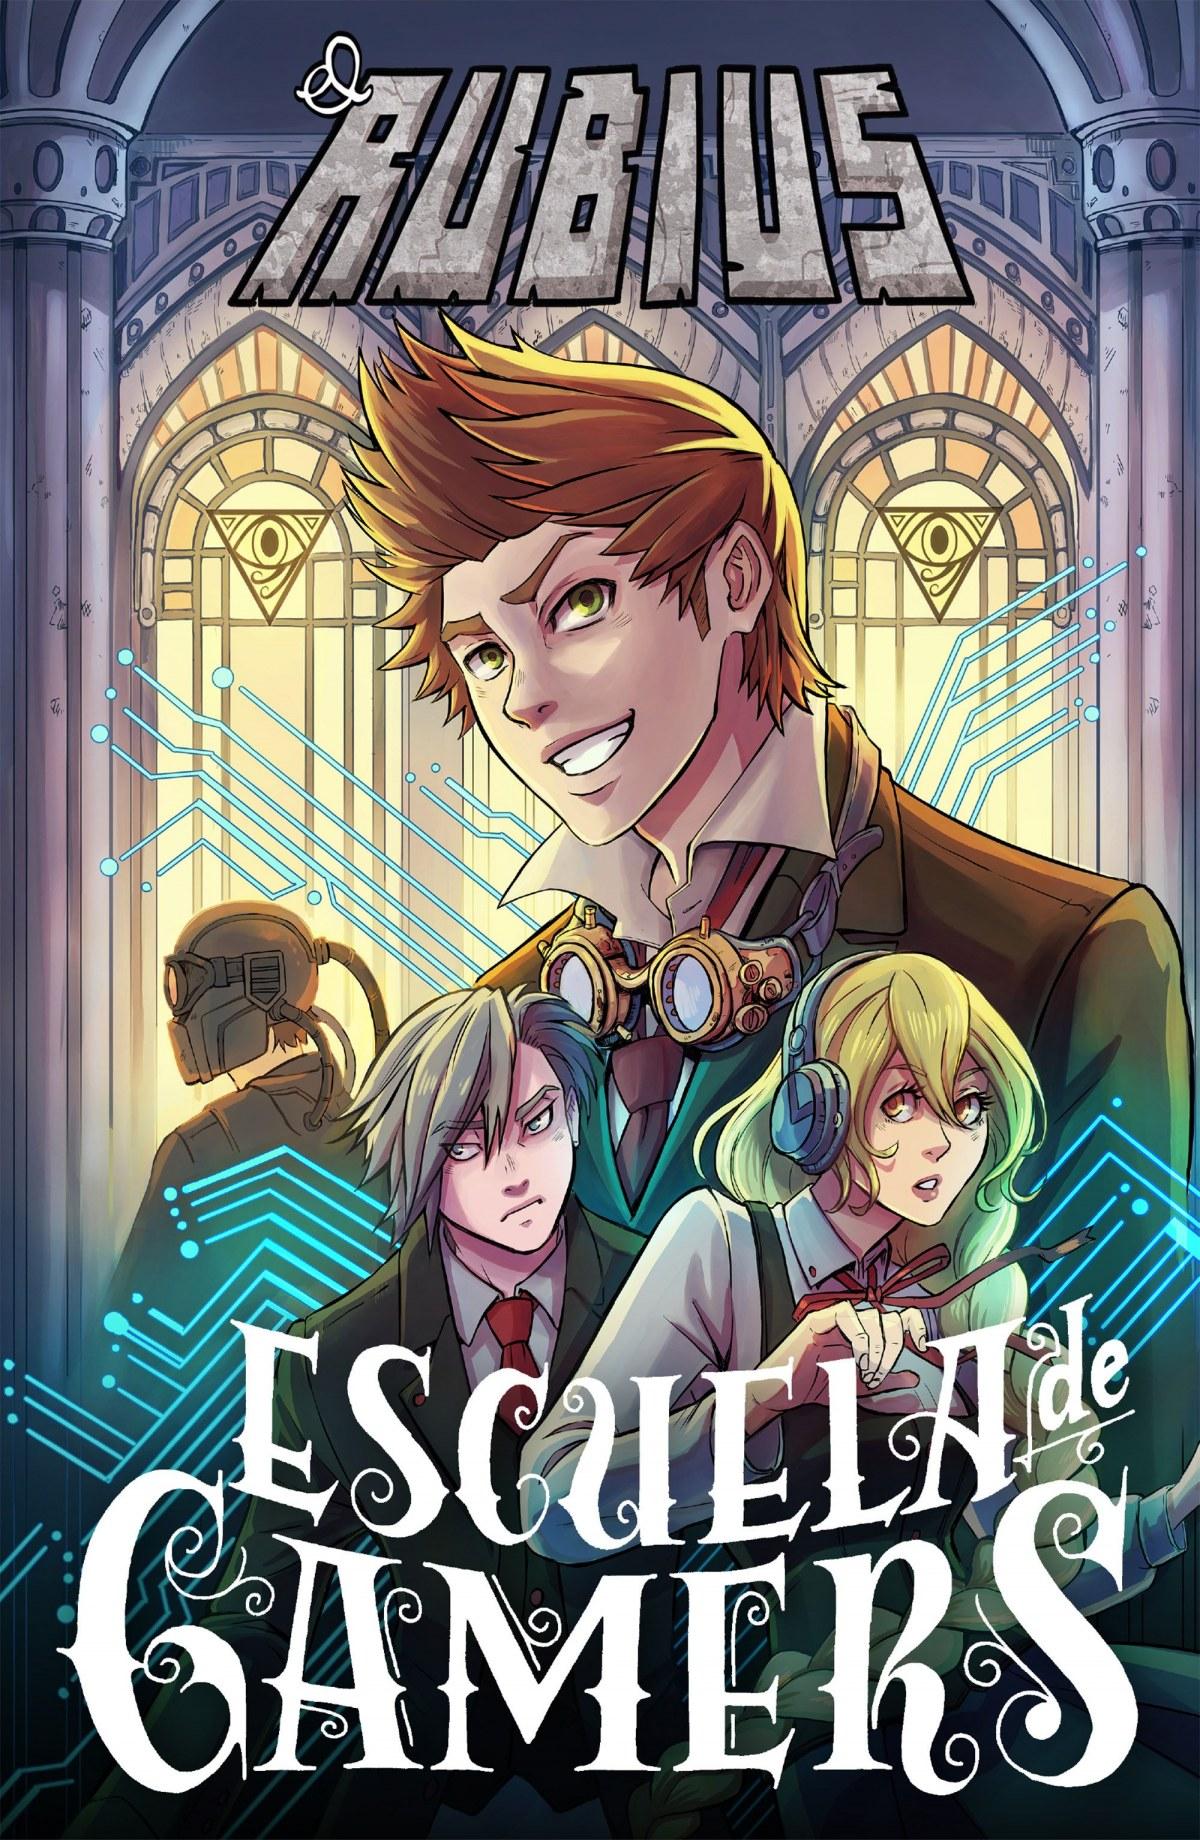 ELRUBIUS ESCUELA DE GAMERS